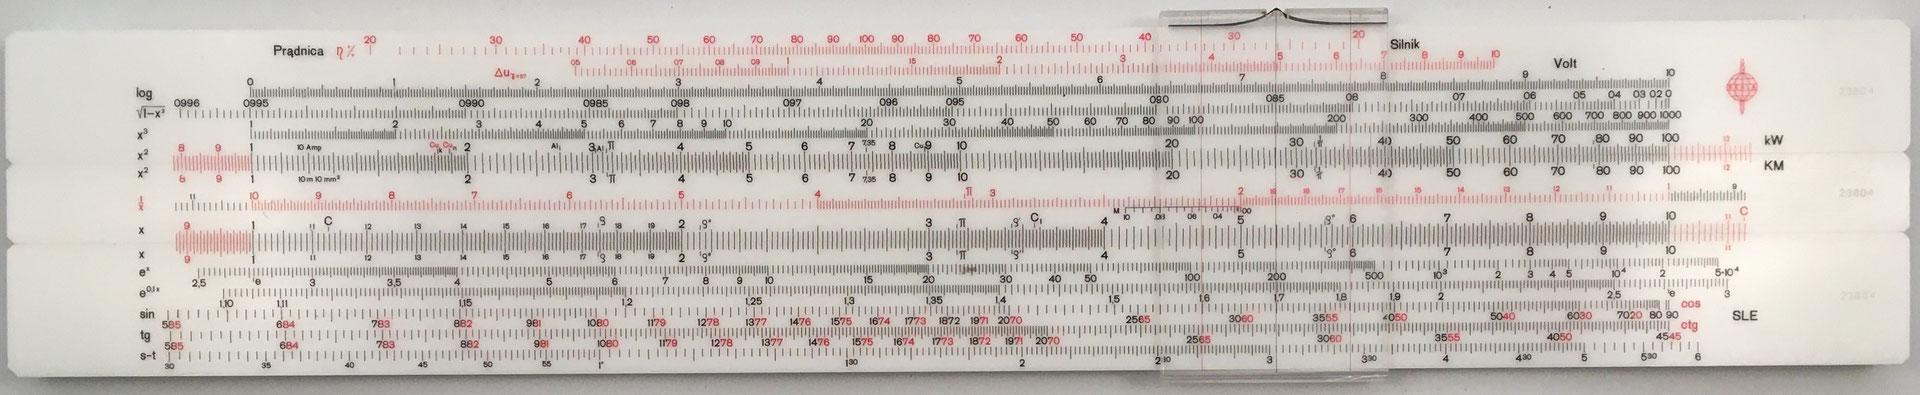 SKALA suwat logarytmiczny Elecktro, 13 escalas,  s/n 23804, 33.5x6 cm